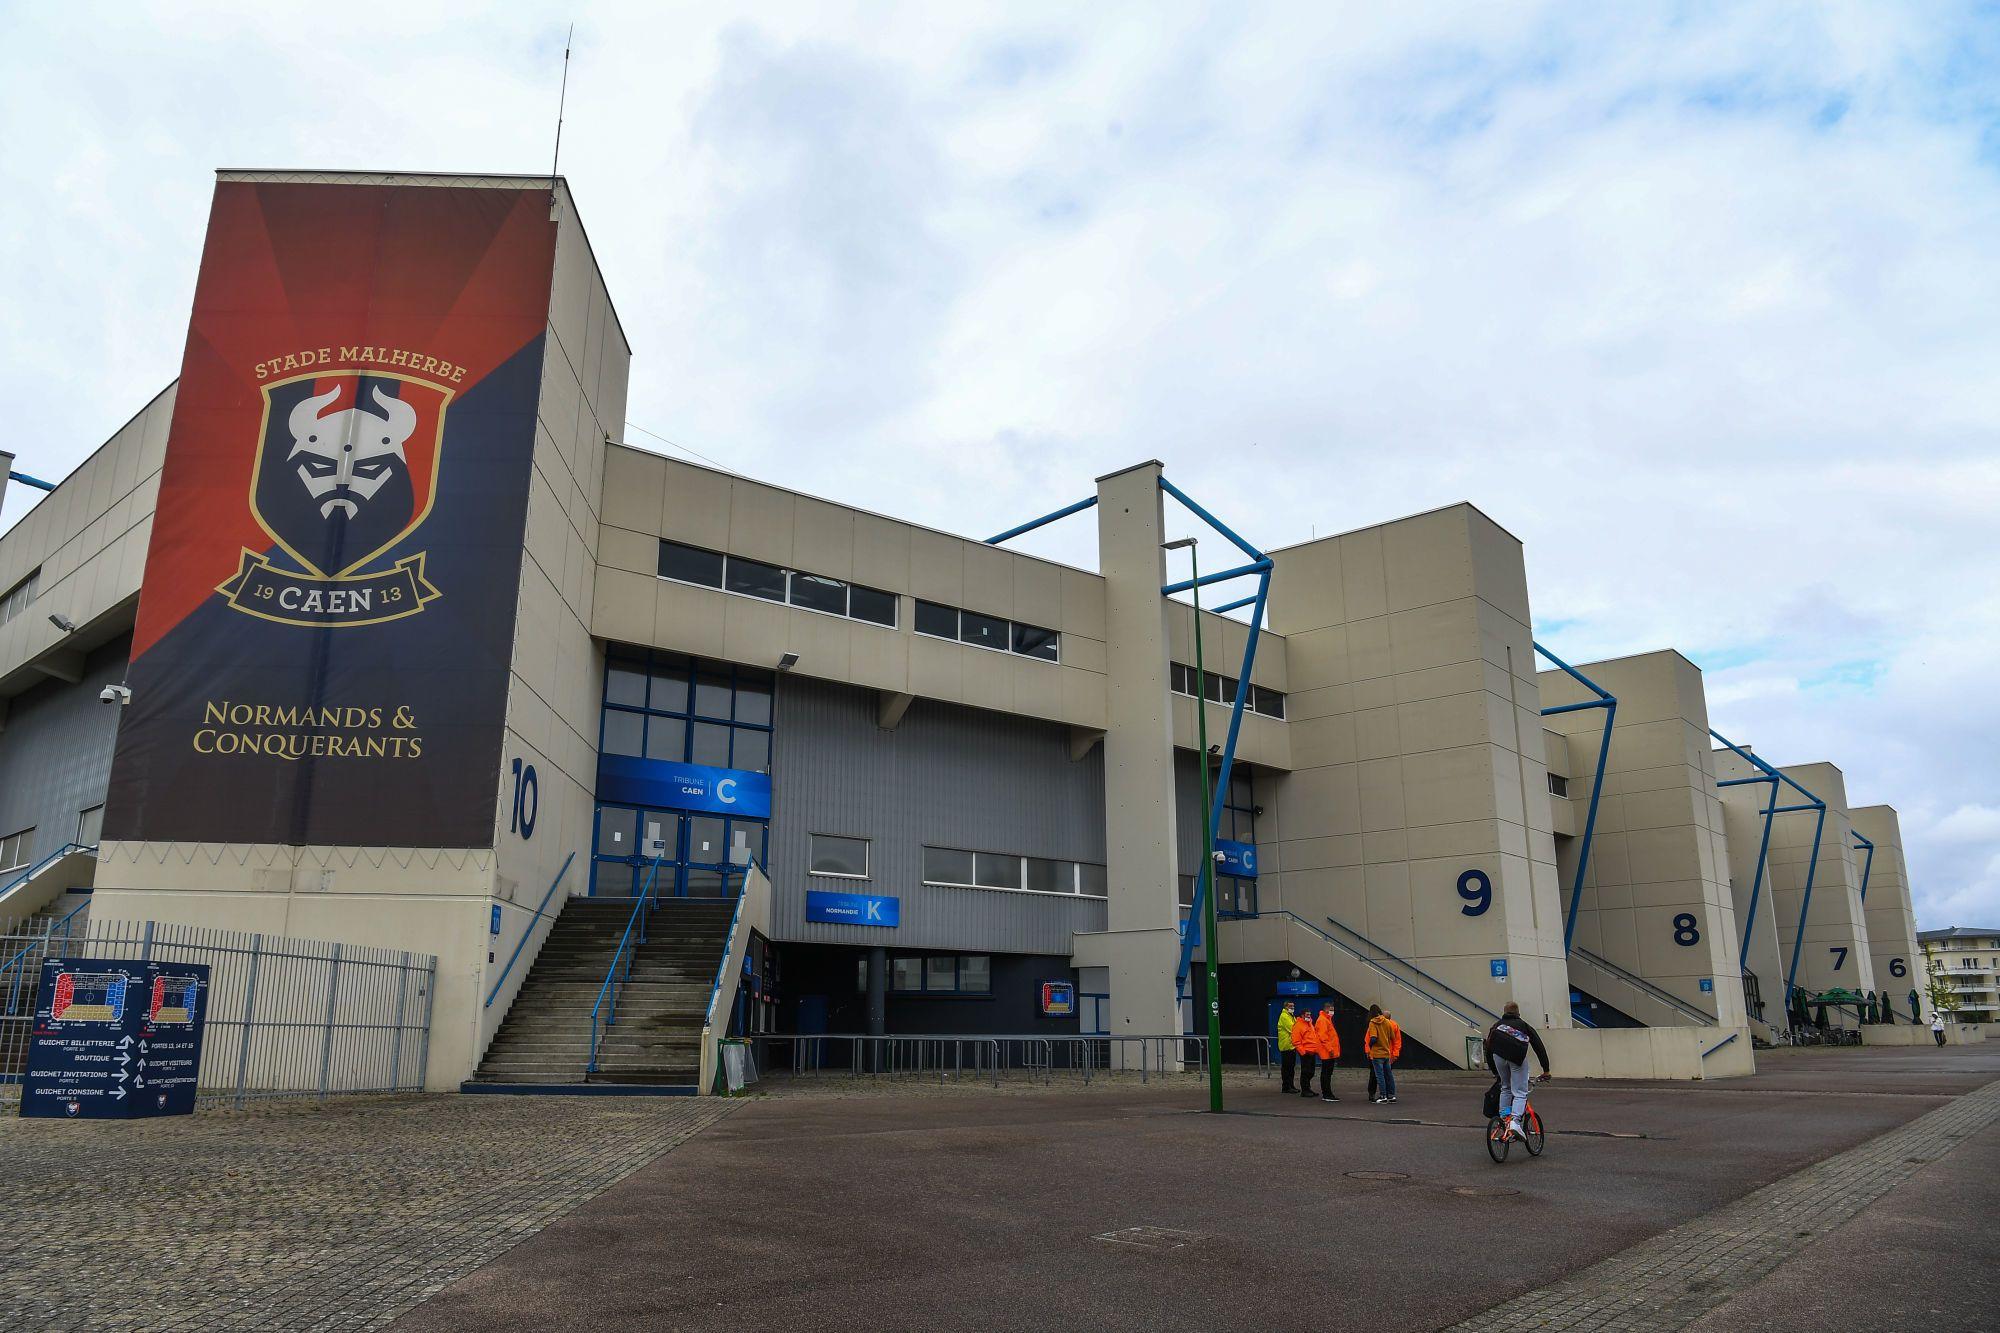 Le SM Caen officialise son rachat par Oaktree – Capton dans un communiqué